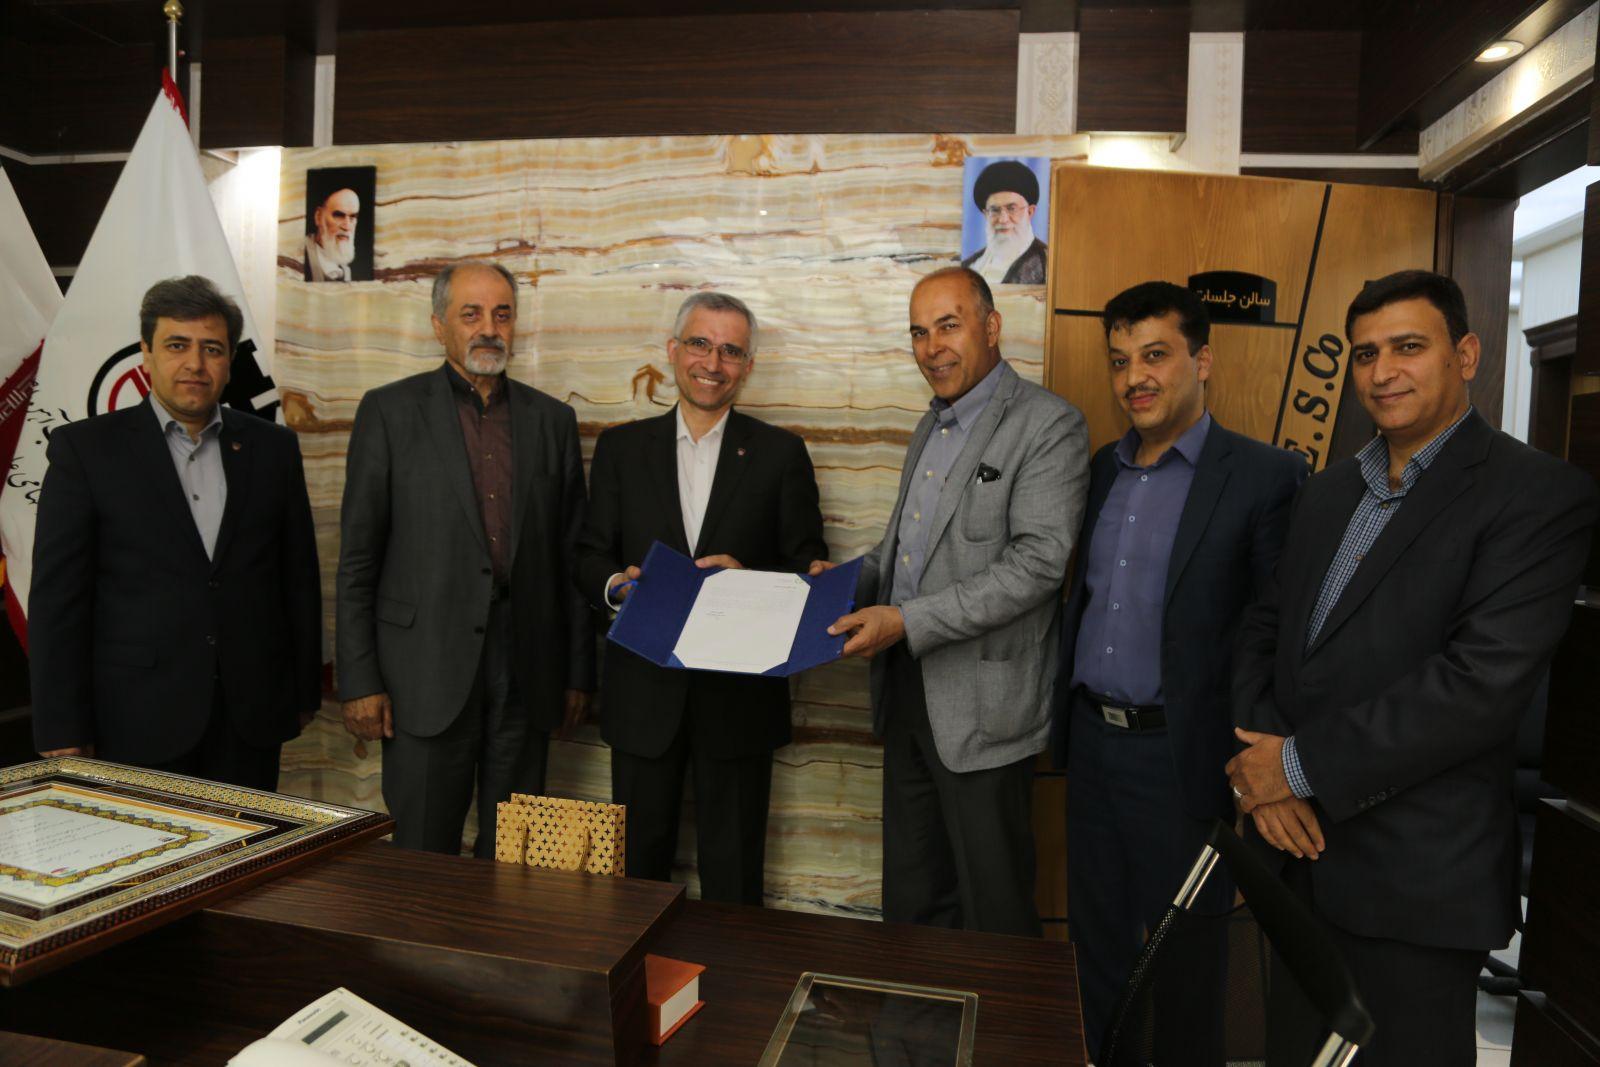 دکتر علی احمدیان رئیس هیات مدیره ذوب آهن اصفهان شد